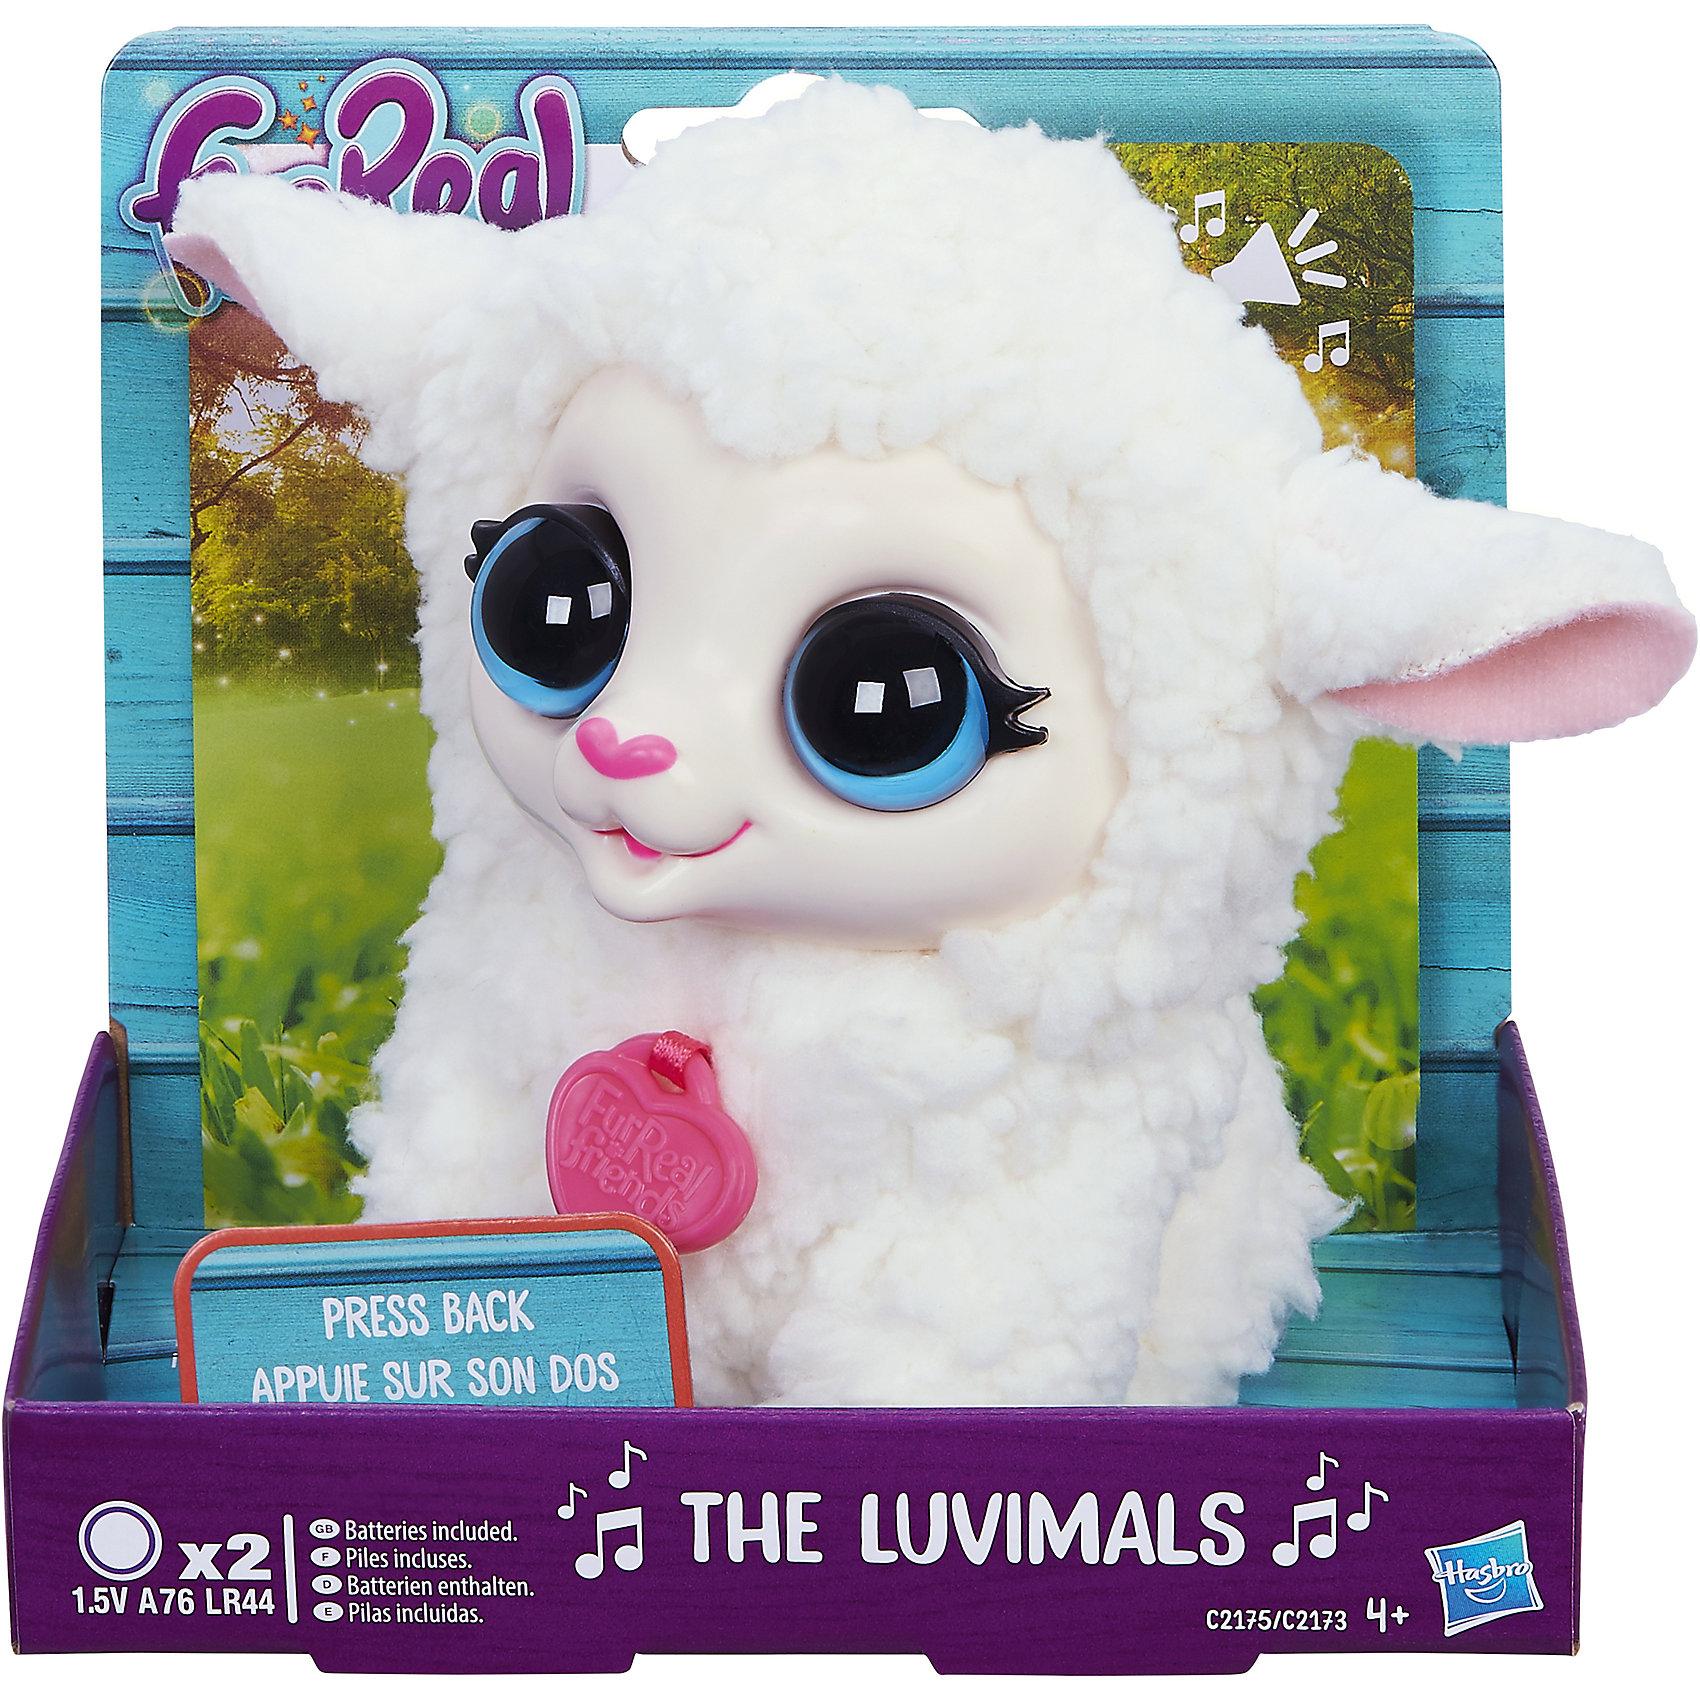 Овечка, FurReal Friends, HasbroИнтерактивные мягкие игрушки<br>Характеристики:<br><br>• Вид игр: сюжетно-ролевые, коллекционирование<br>• Пол: для девочек<br>• Коллекция: Поющие зверята<br>• Материал: текстиль, пластик<br>• Батарейки: 2 х A76 / LR44 (предусмотрены в комплекте)<br>• Высота игрушки: 9-11 см<br>• Поворачивают голову<br>• Умеют петь<br>• Вес в упаковке: 130 г<br>• Размеры упаковки (Д*Ш*В): 11,4*10,2*12,7 см<br>• Упаковка: картонная коробка <br><br>Поющие зверята, Furreal, C2173/C2174 – это коллекция милых пушистых животных от Хасбро, которые умеют петь. Все зверушки выполнены из плюша с ворсом, за счет чего они очень приятные на ощупь, большие выразительные глазки придают игрушкам очень миловидный облик. У каждого зверька на шее имеется пластиковый кулон с брендовой надписью. Игрушки умеют не только петь соло, но и дуэтом. Благодаря компактному размеру, их можно брать с собой в дорогу или в качестве талисмана. Овечка выполнена из плюша белого цвета и у нее большие голубые глаза. Сюжетно-ролевые игры с музыкальными игрушками способствуют развитию художественно-эстетического и музыкального вкуса, а разыгрываемые сюжетно-ролевые игры с домашними любимцами развивают чувство ответственности и заботы. <br><br>Поющих зверят, Furreal, C2173/C2174 можно купить в нашем интернет-магазине.<br><br>Ширина мм: 102<br>Глубина мм: 127<br>Высота мм: 114<br>Вес г: 151<br>Возраст от месяцев: 48<br>Возраст до месяцев: 144<br>Пол: Женский<br>Возраст: Детский<br>SKU: 5363493